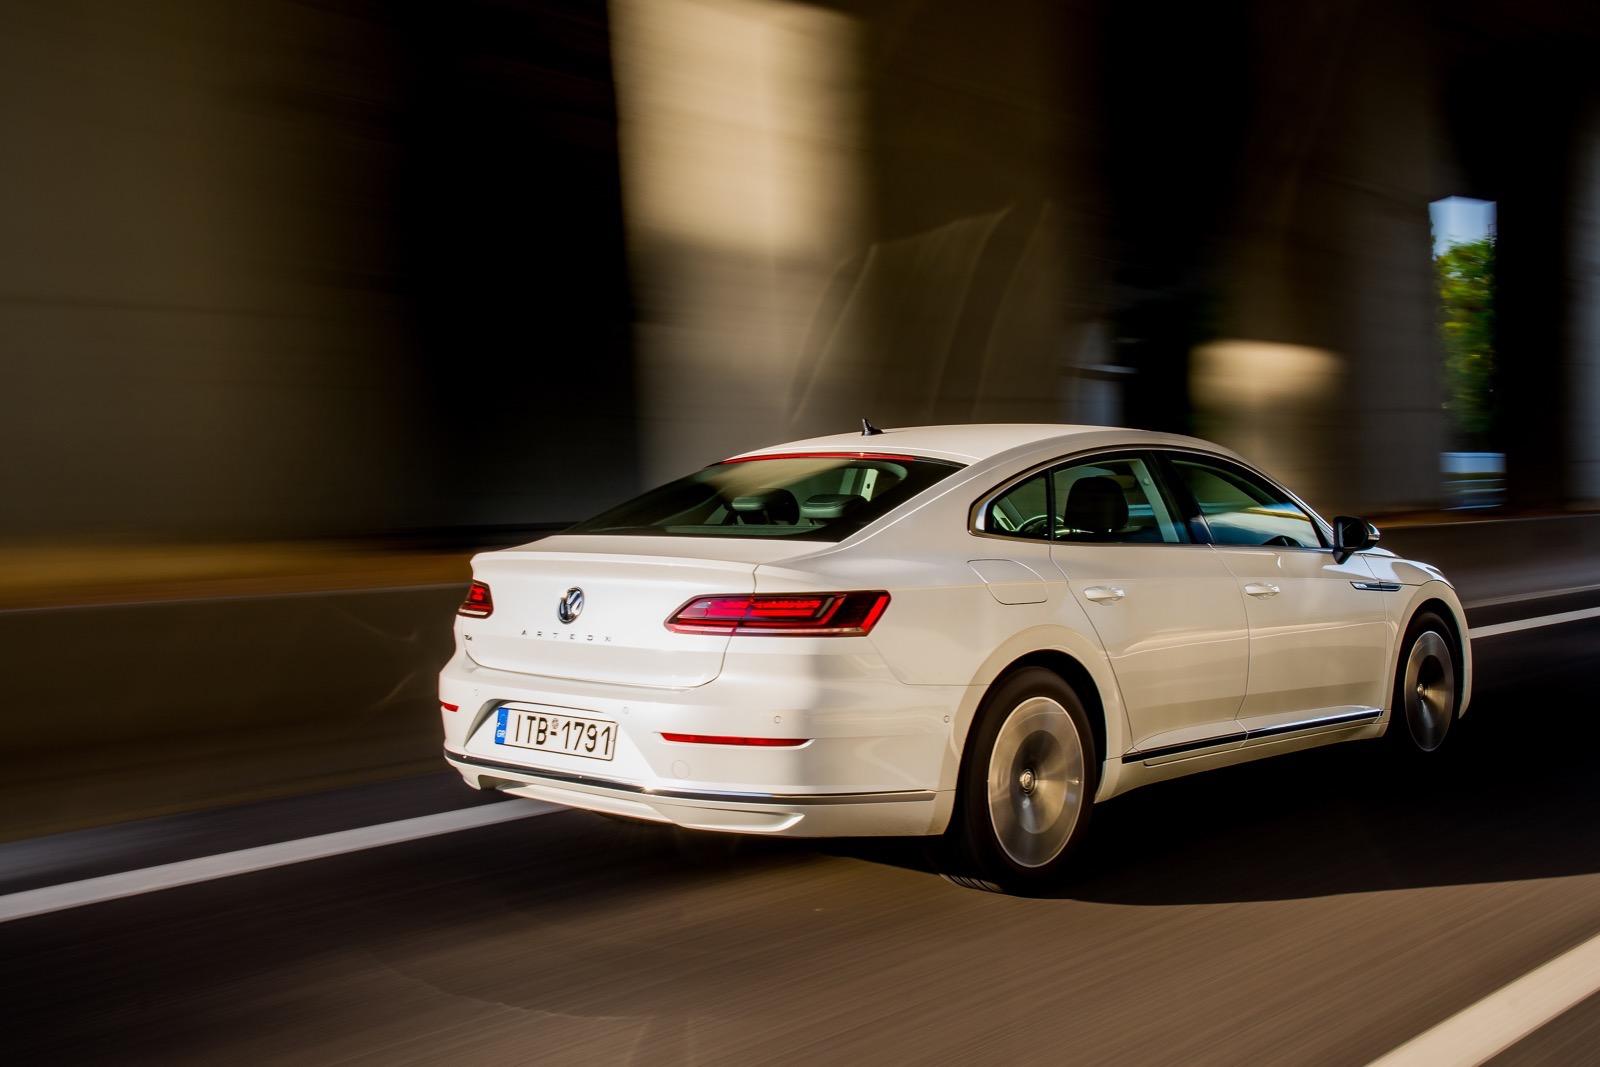 Volkswagen_Arteon_Greek_Presentataion_03